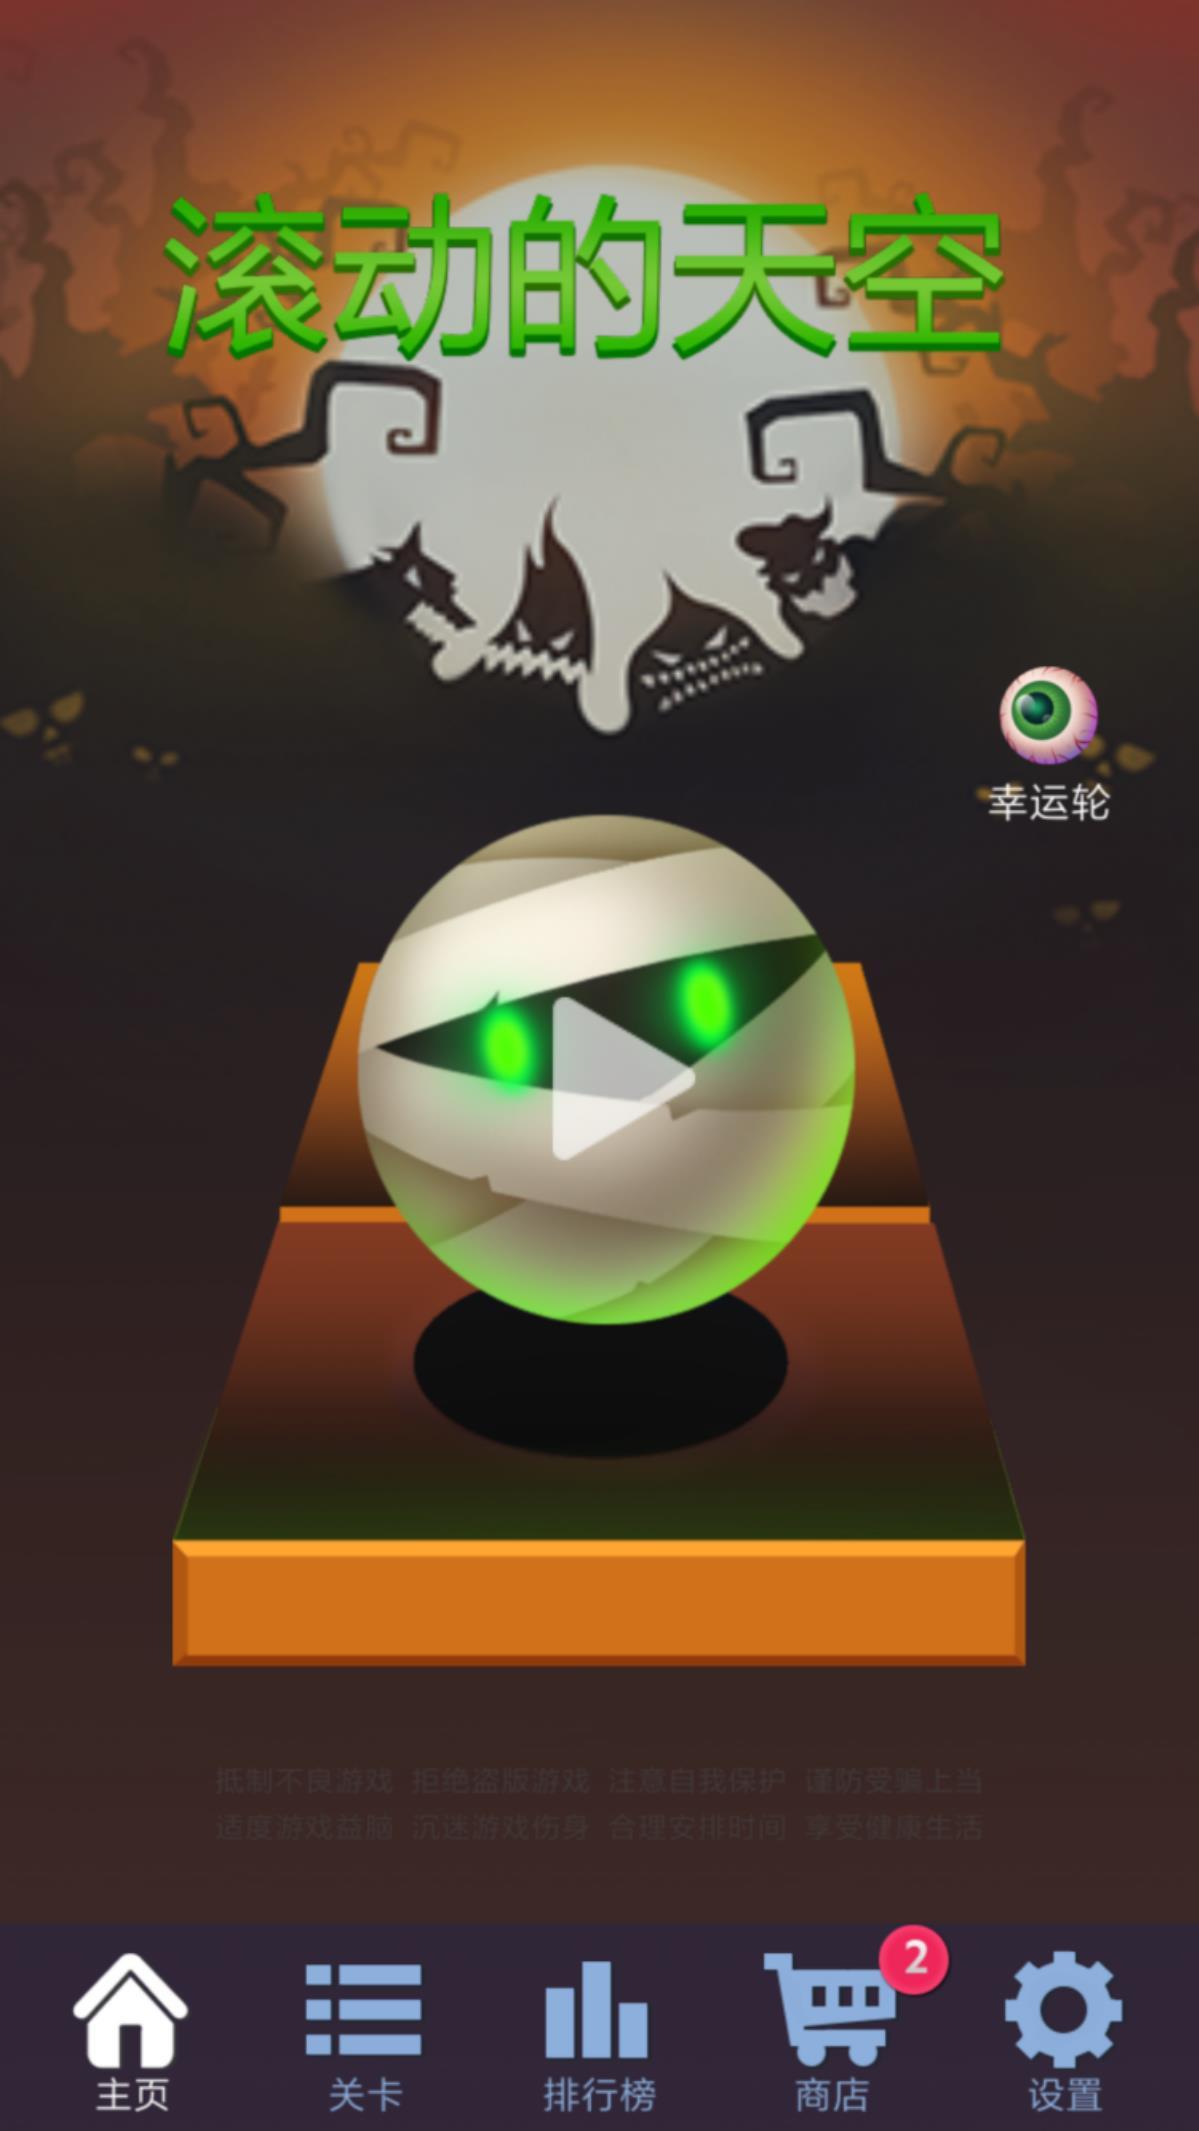 滚动的天空评测:小球下载app认证自助领38彩金这么虐心[多图]